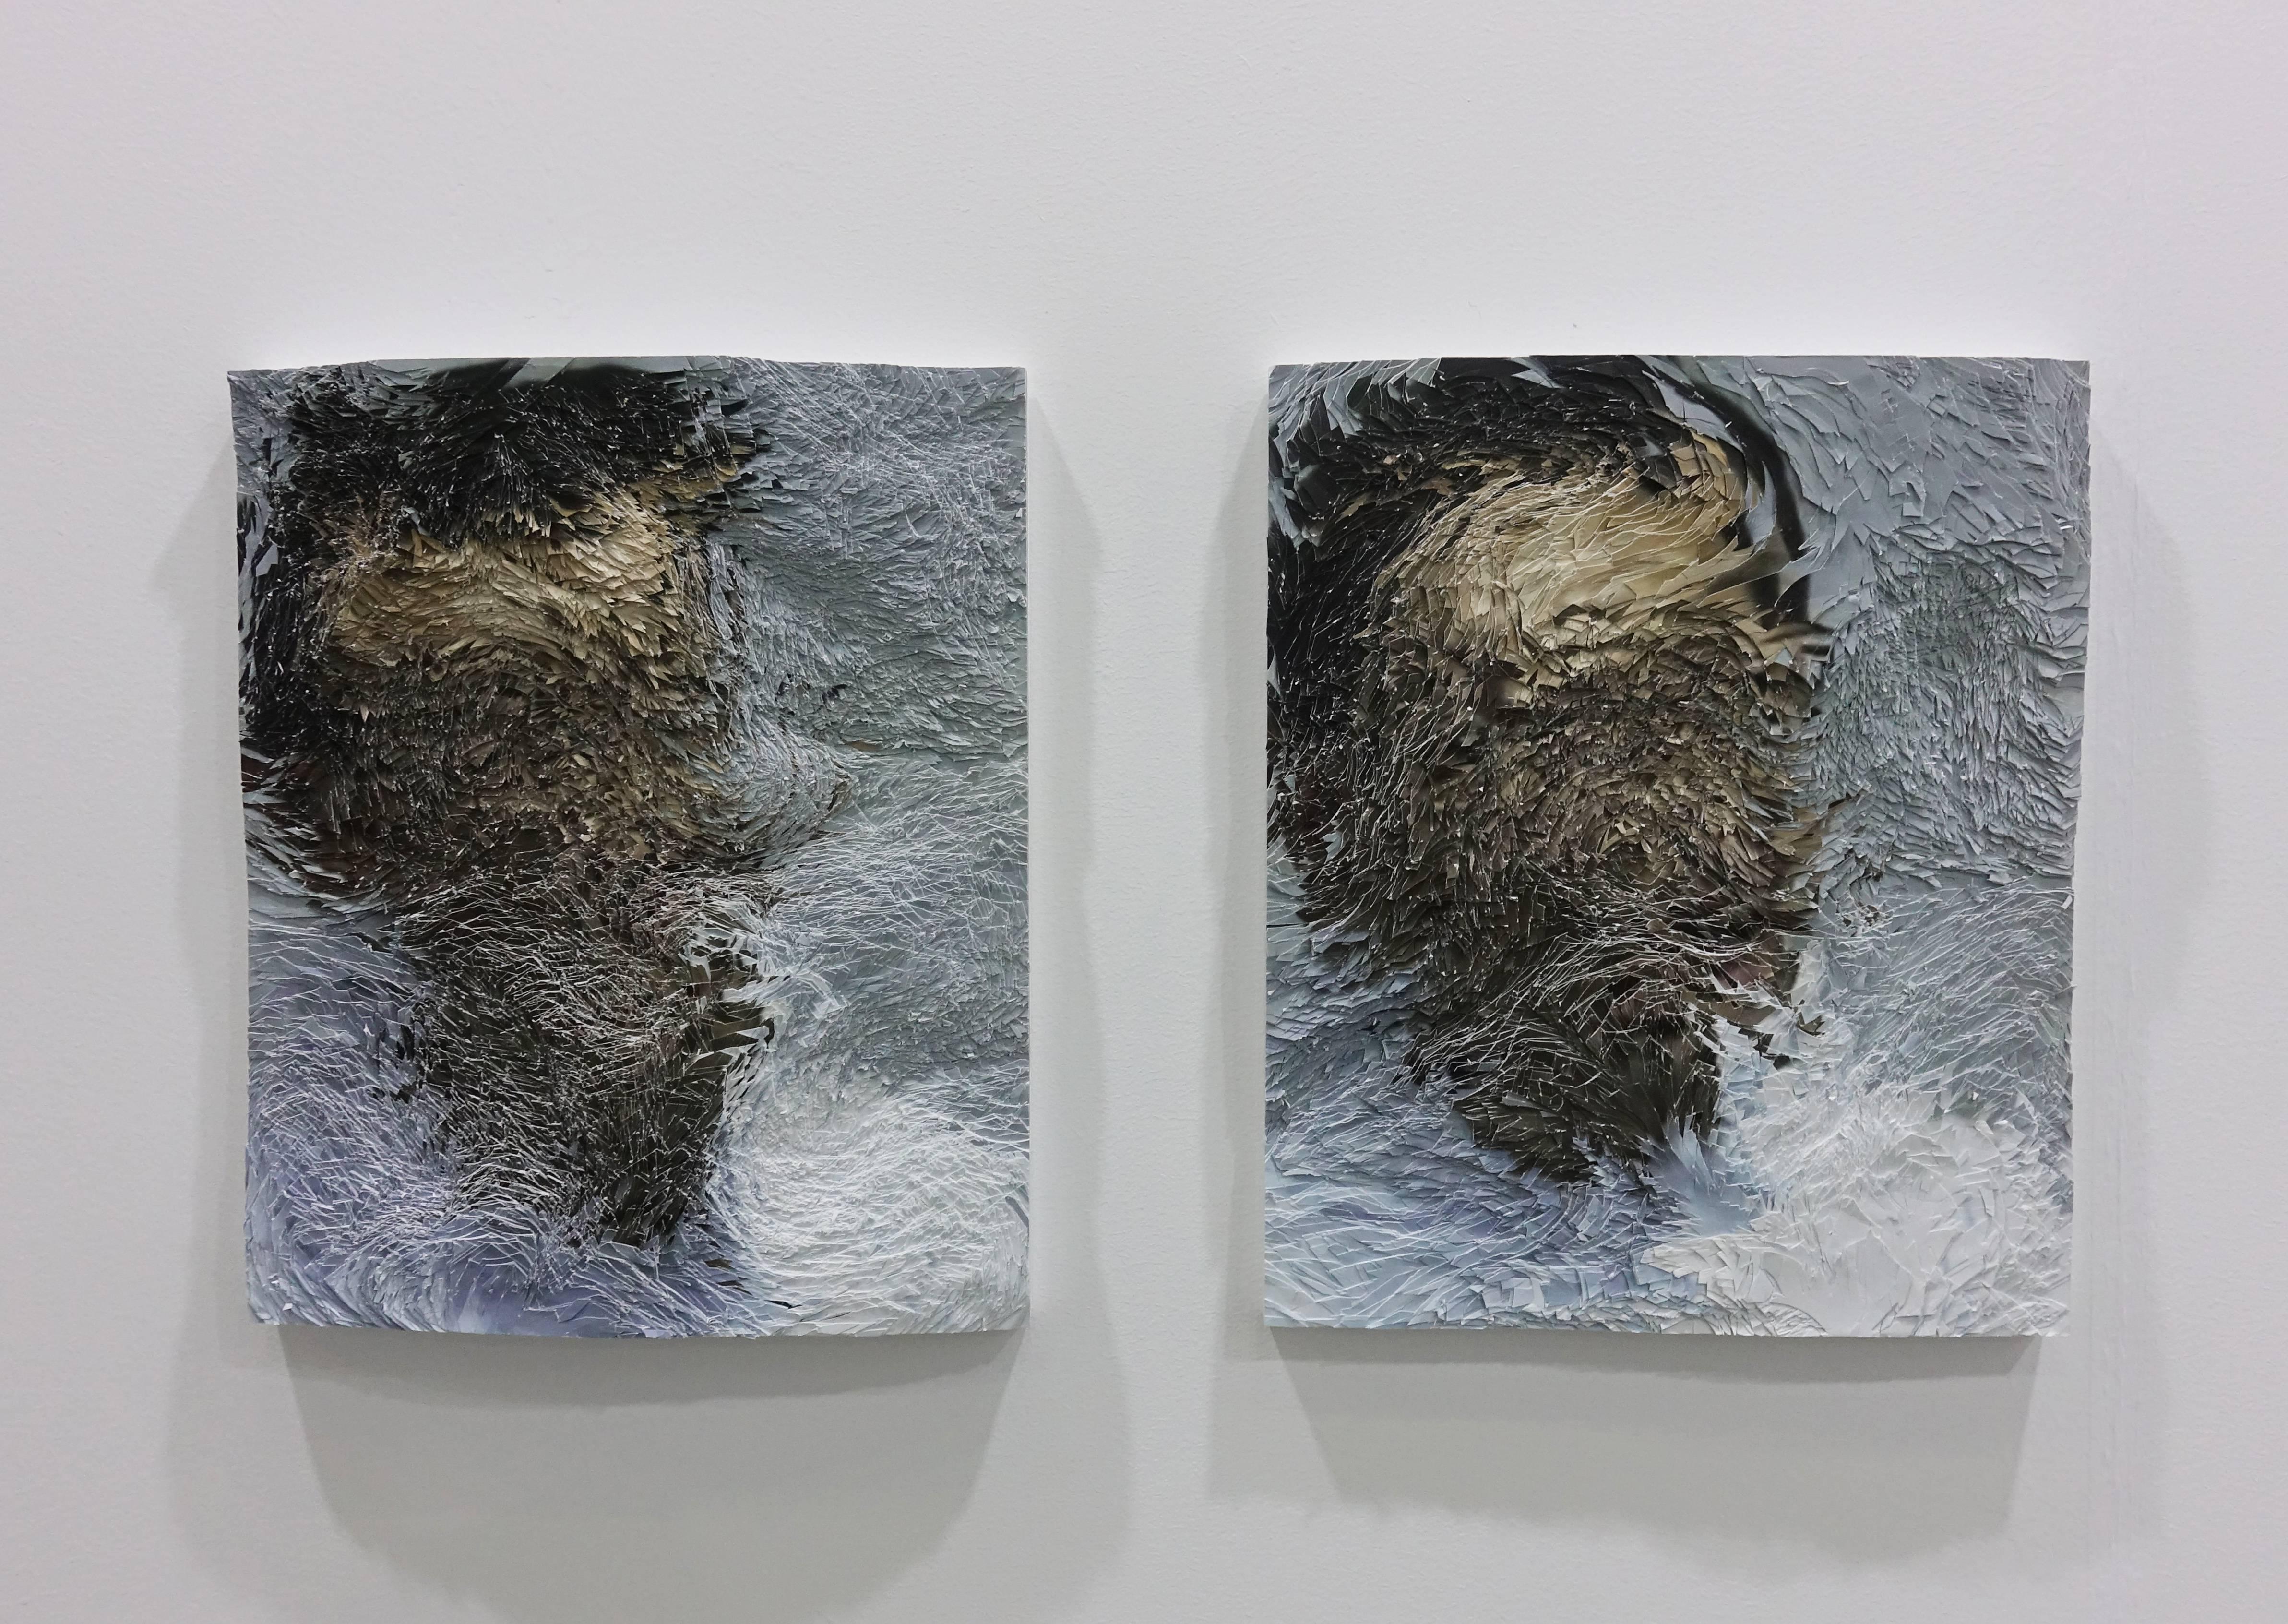 C04 Yutaka Kikutake Gallery展出作品。